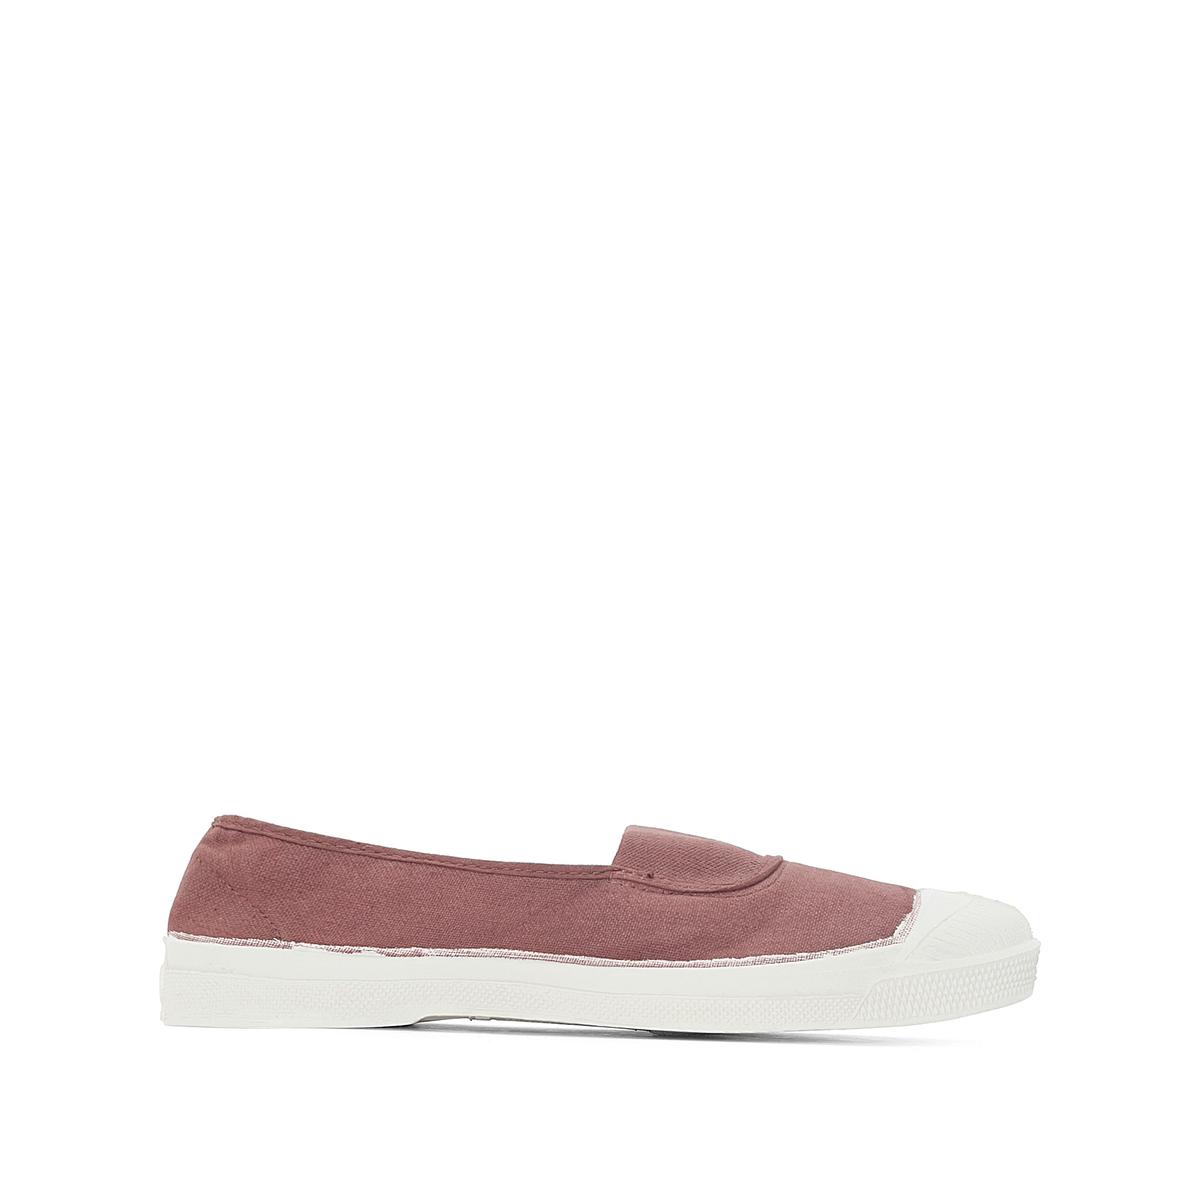 Кеды базового гардероба ellyДетали  •  Спортивный стиль •  Плоский каблук •  Застежка : эластичная вставкаСостав и уход  •  Верх 100% текстиль •  Подкладка 100% текстиль •  Подошва 100% каучук<br><br>Цвет: розовая пудра